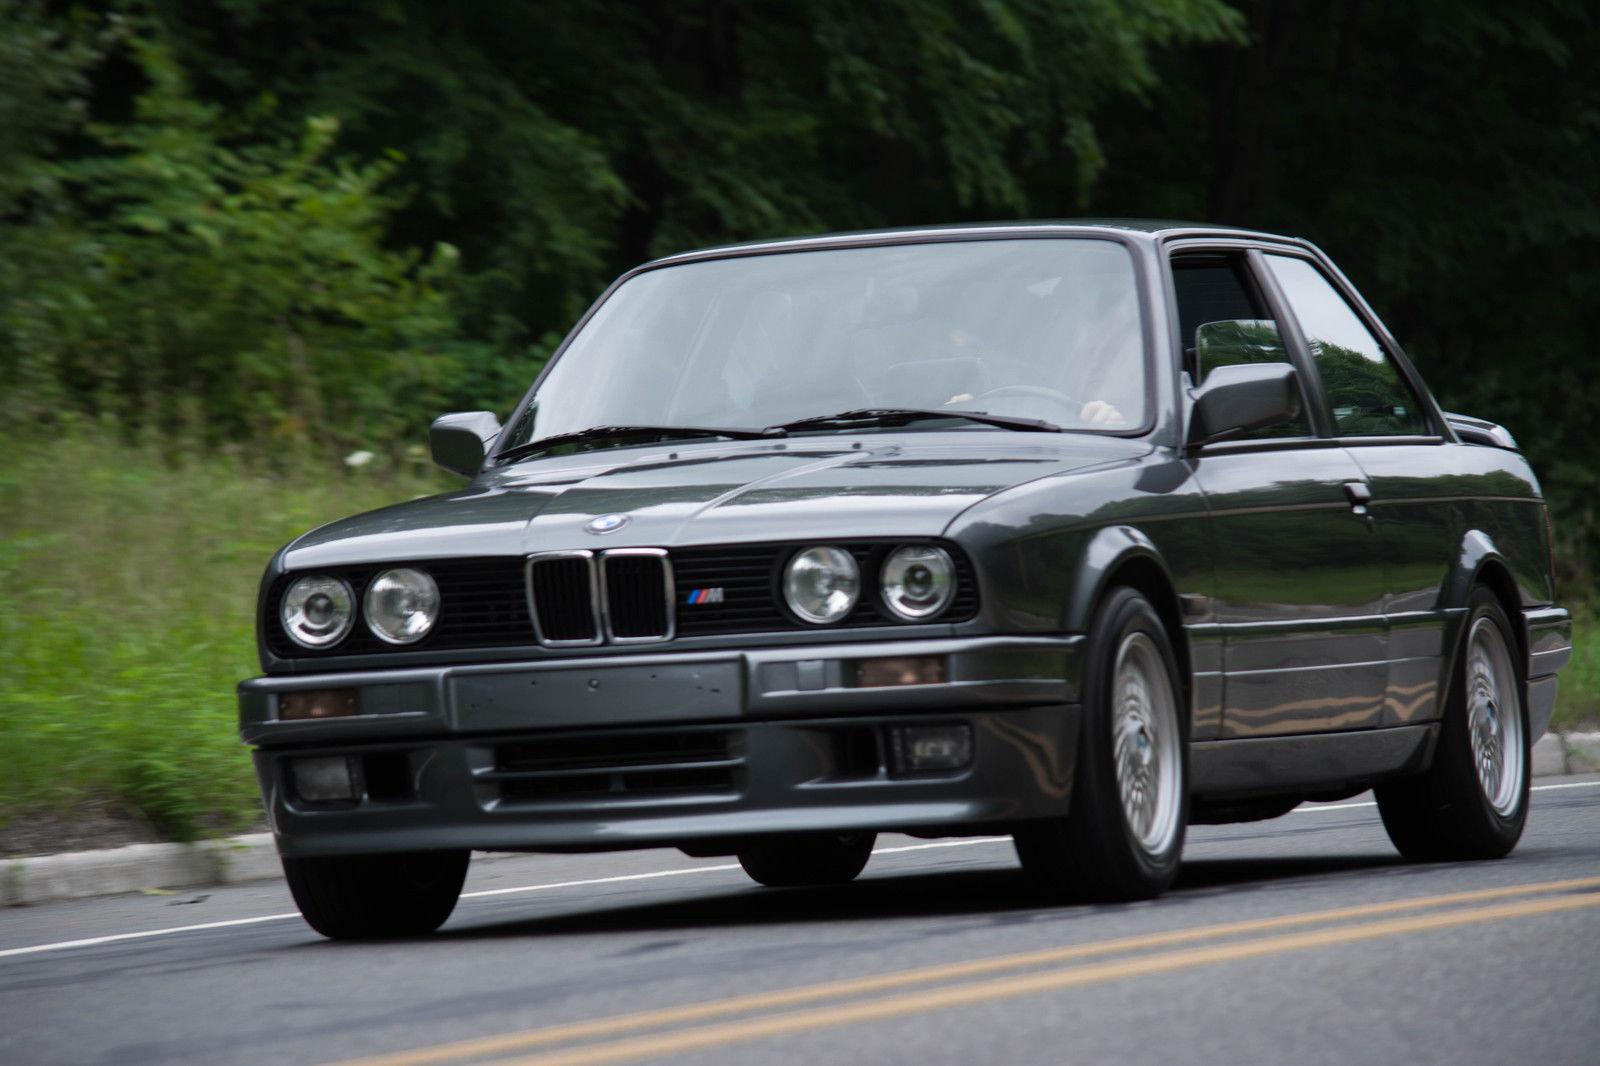 Vergi sınırı olan ülkelere özel E30 M3; BMW M320is - Sekiz ...